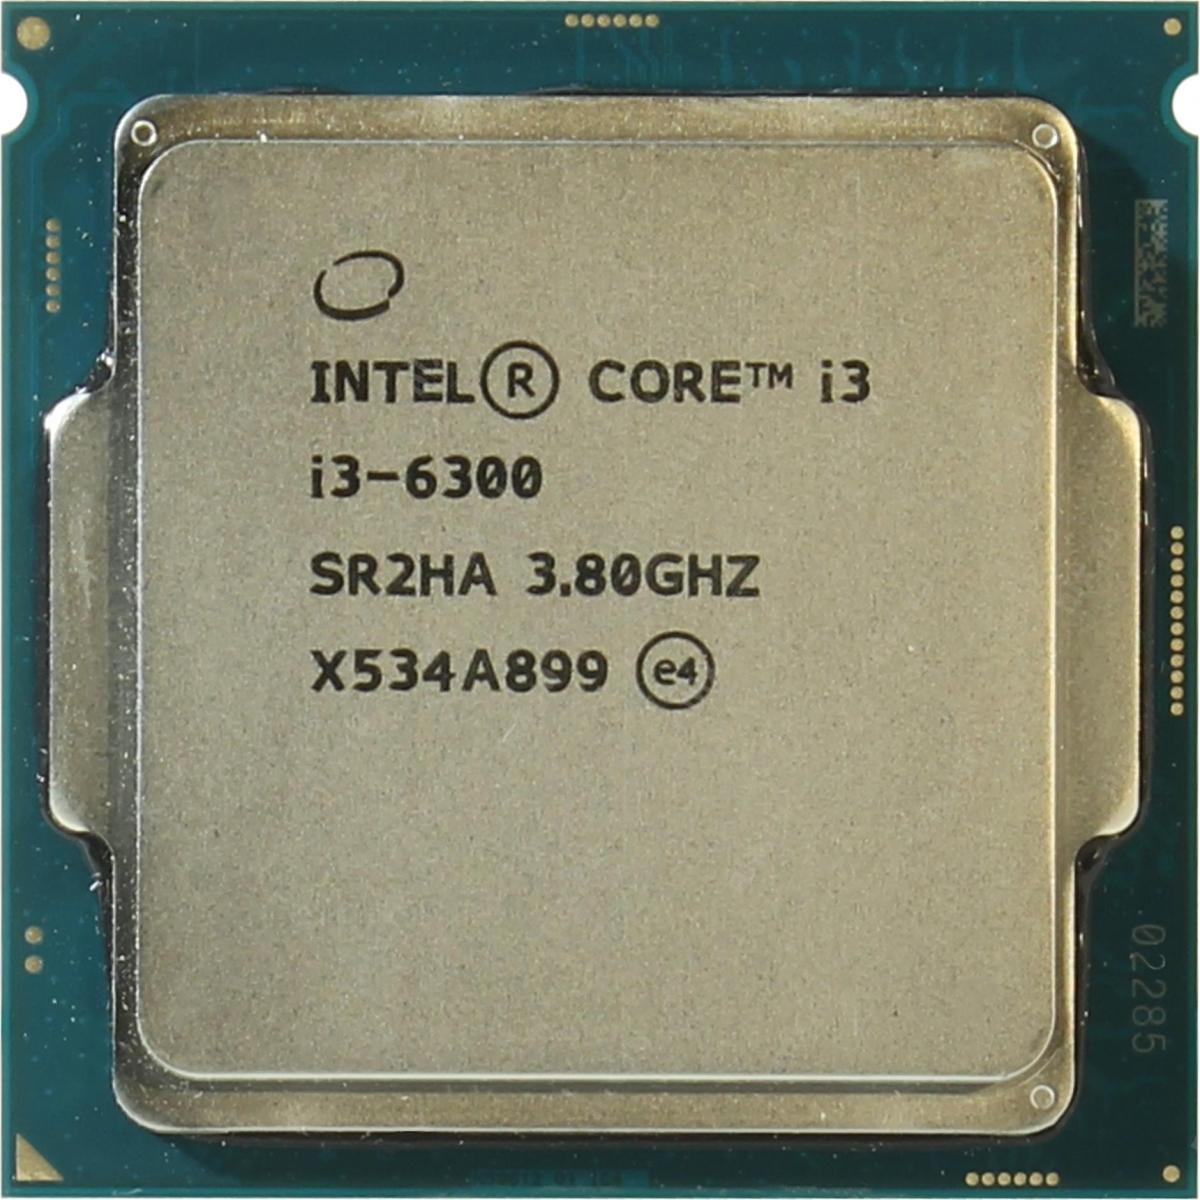 INTEL CORE I3 6300 (4 MB ქეშ მეხსიერება, 3.8GHZ) BOX